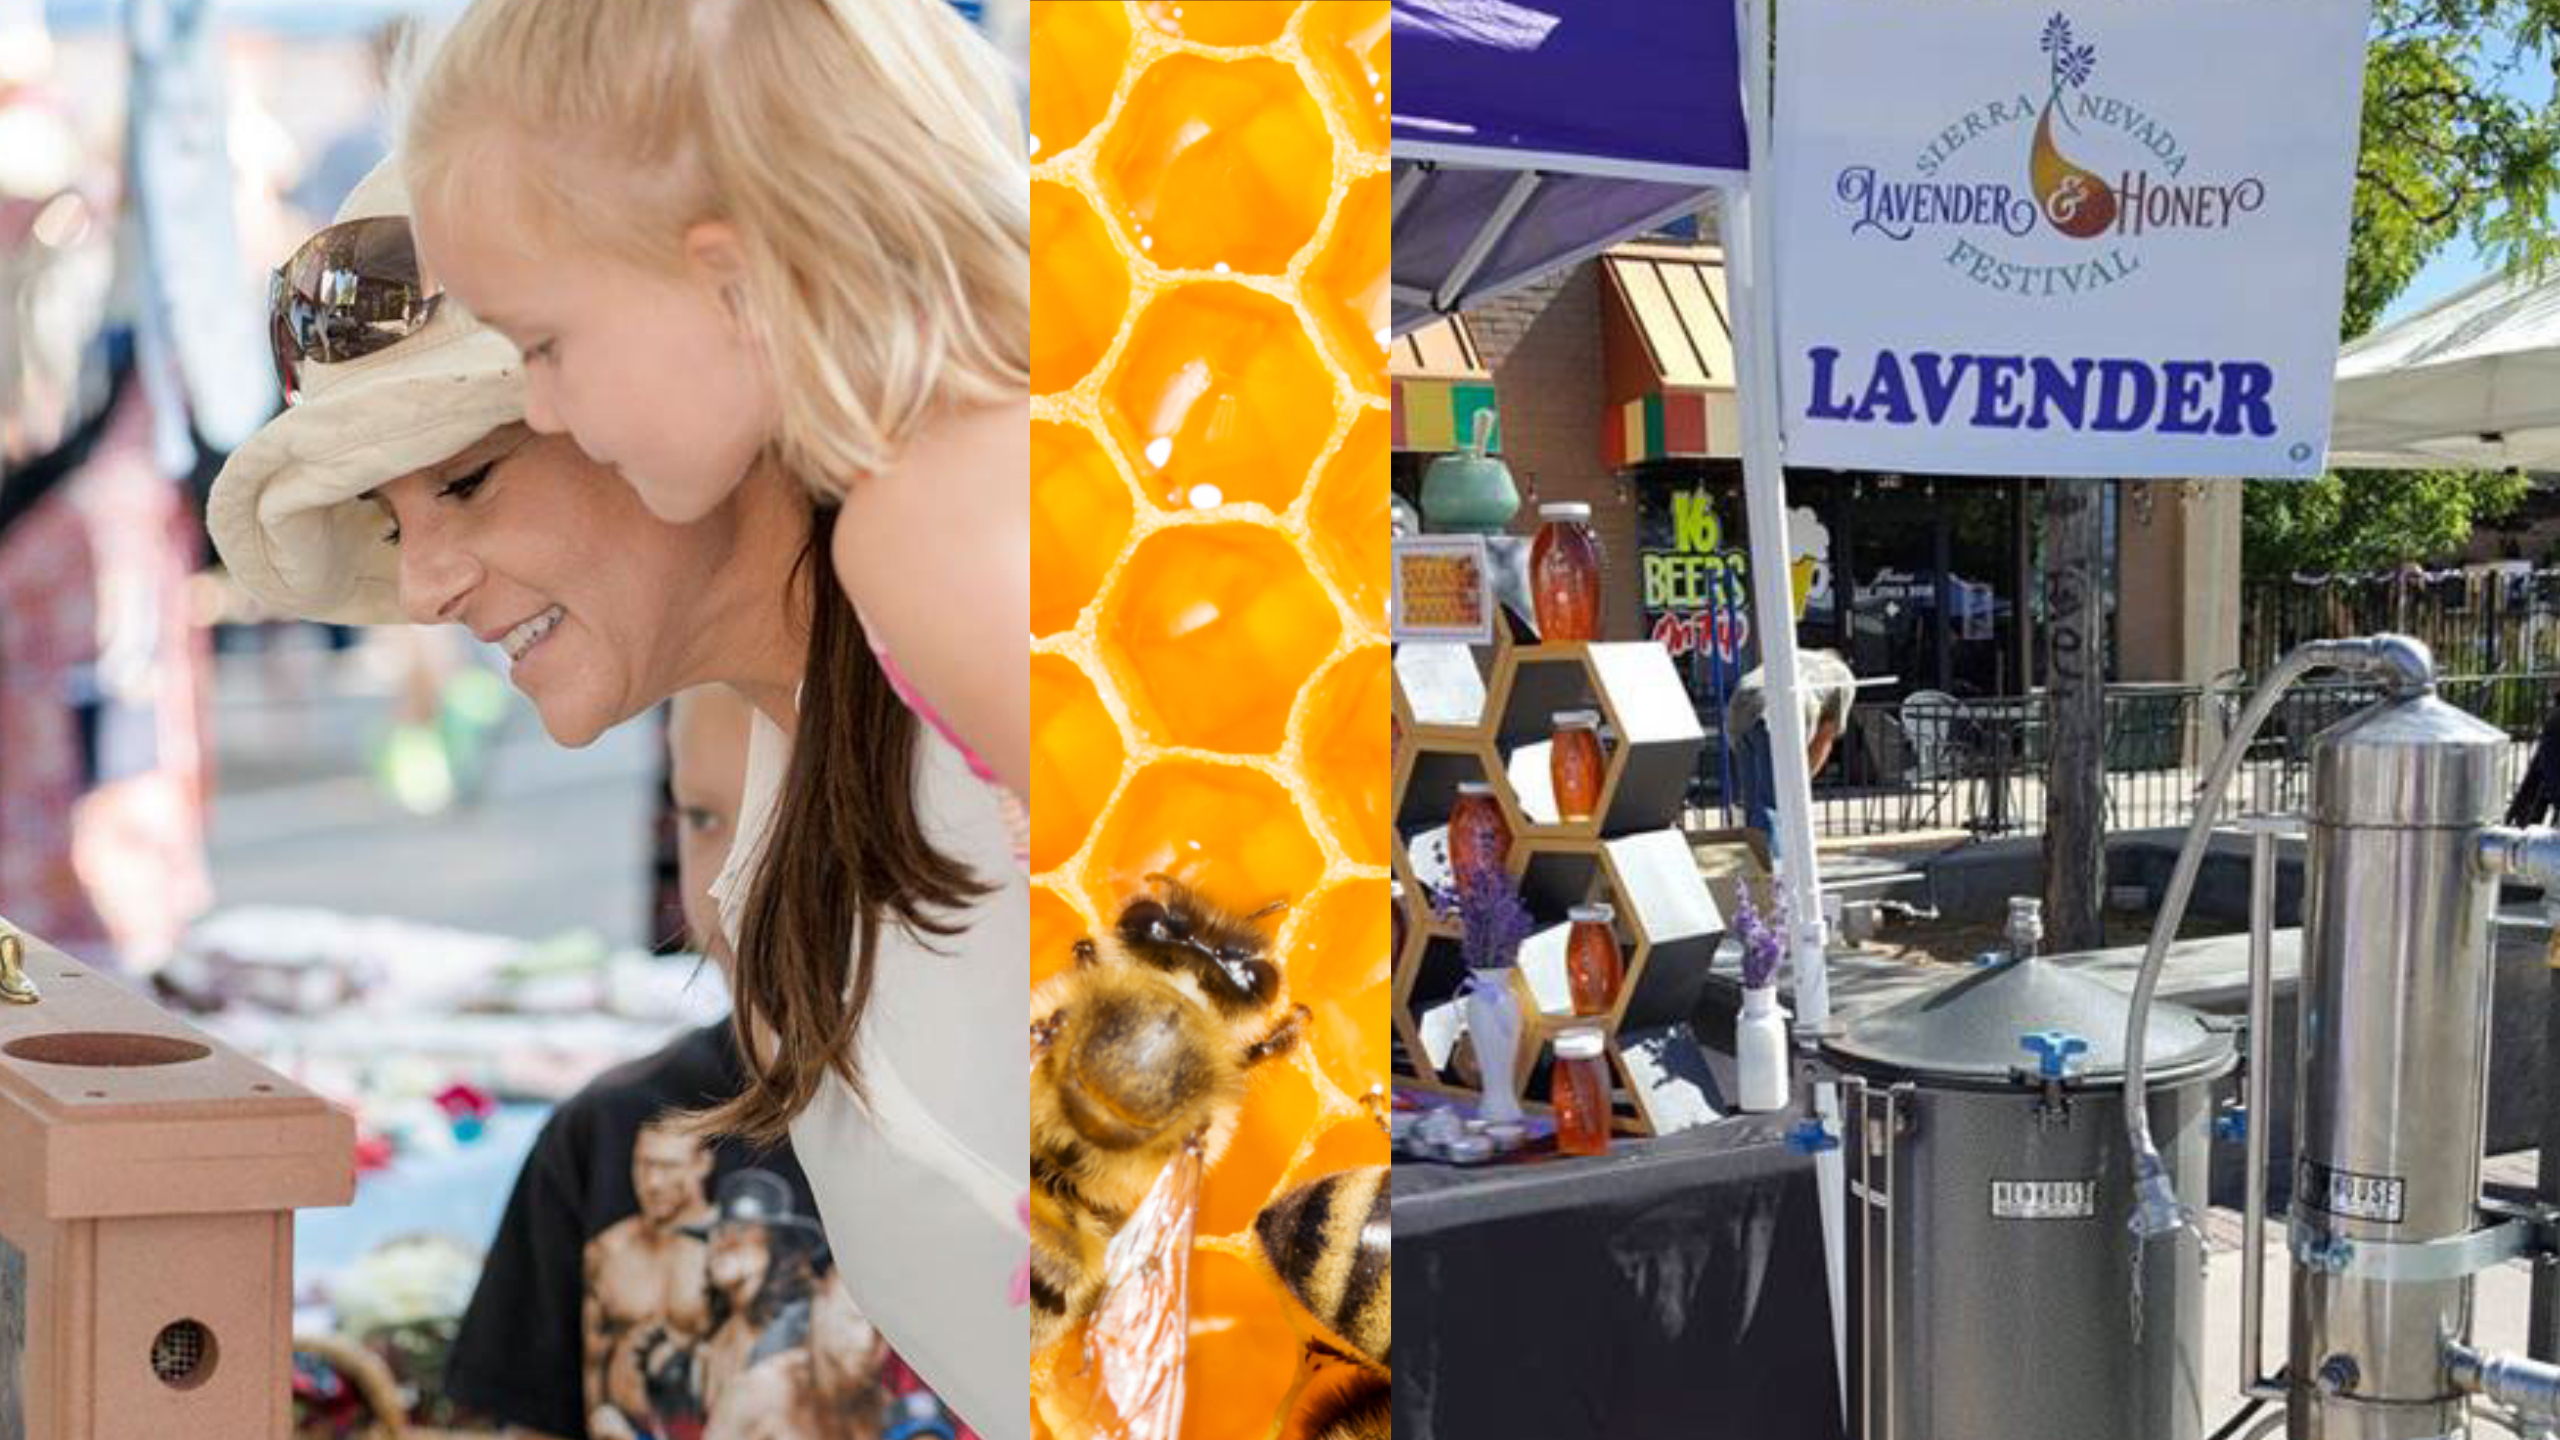 Festival Highlights – Sierra Nevada Lavender and Honey Festival